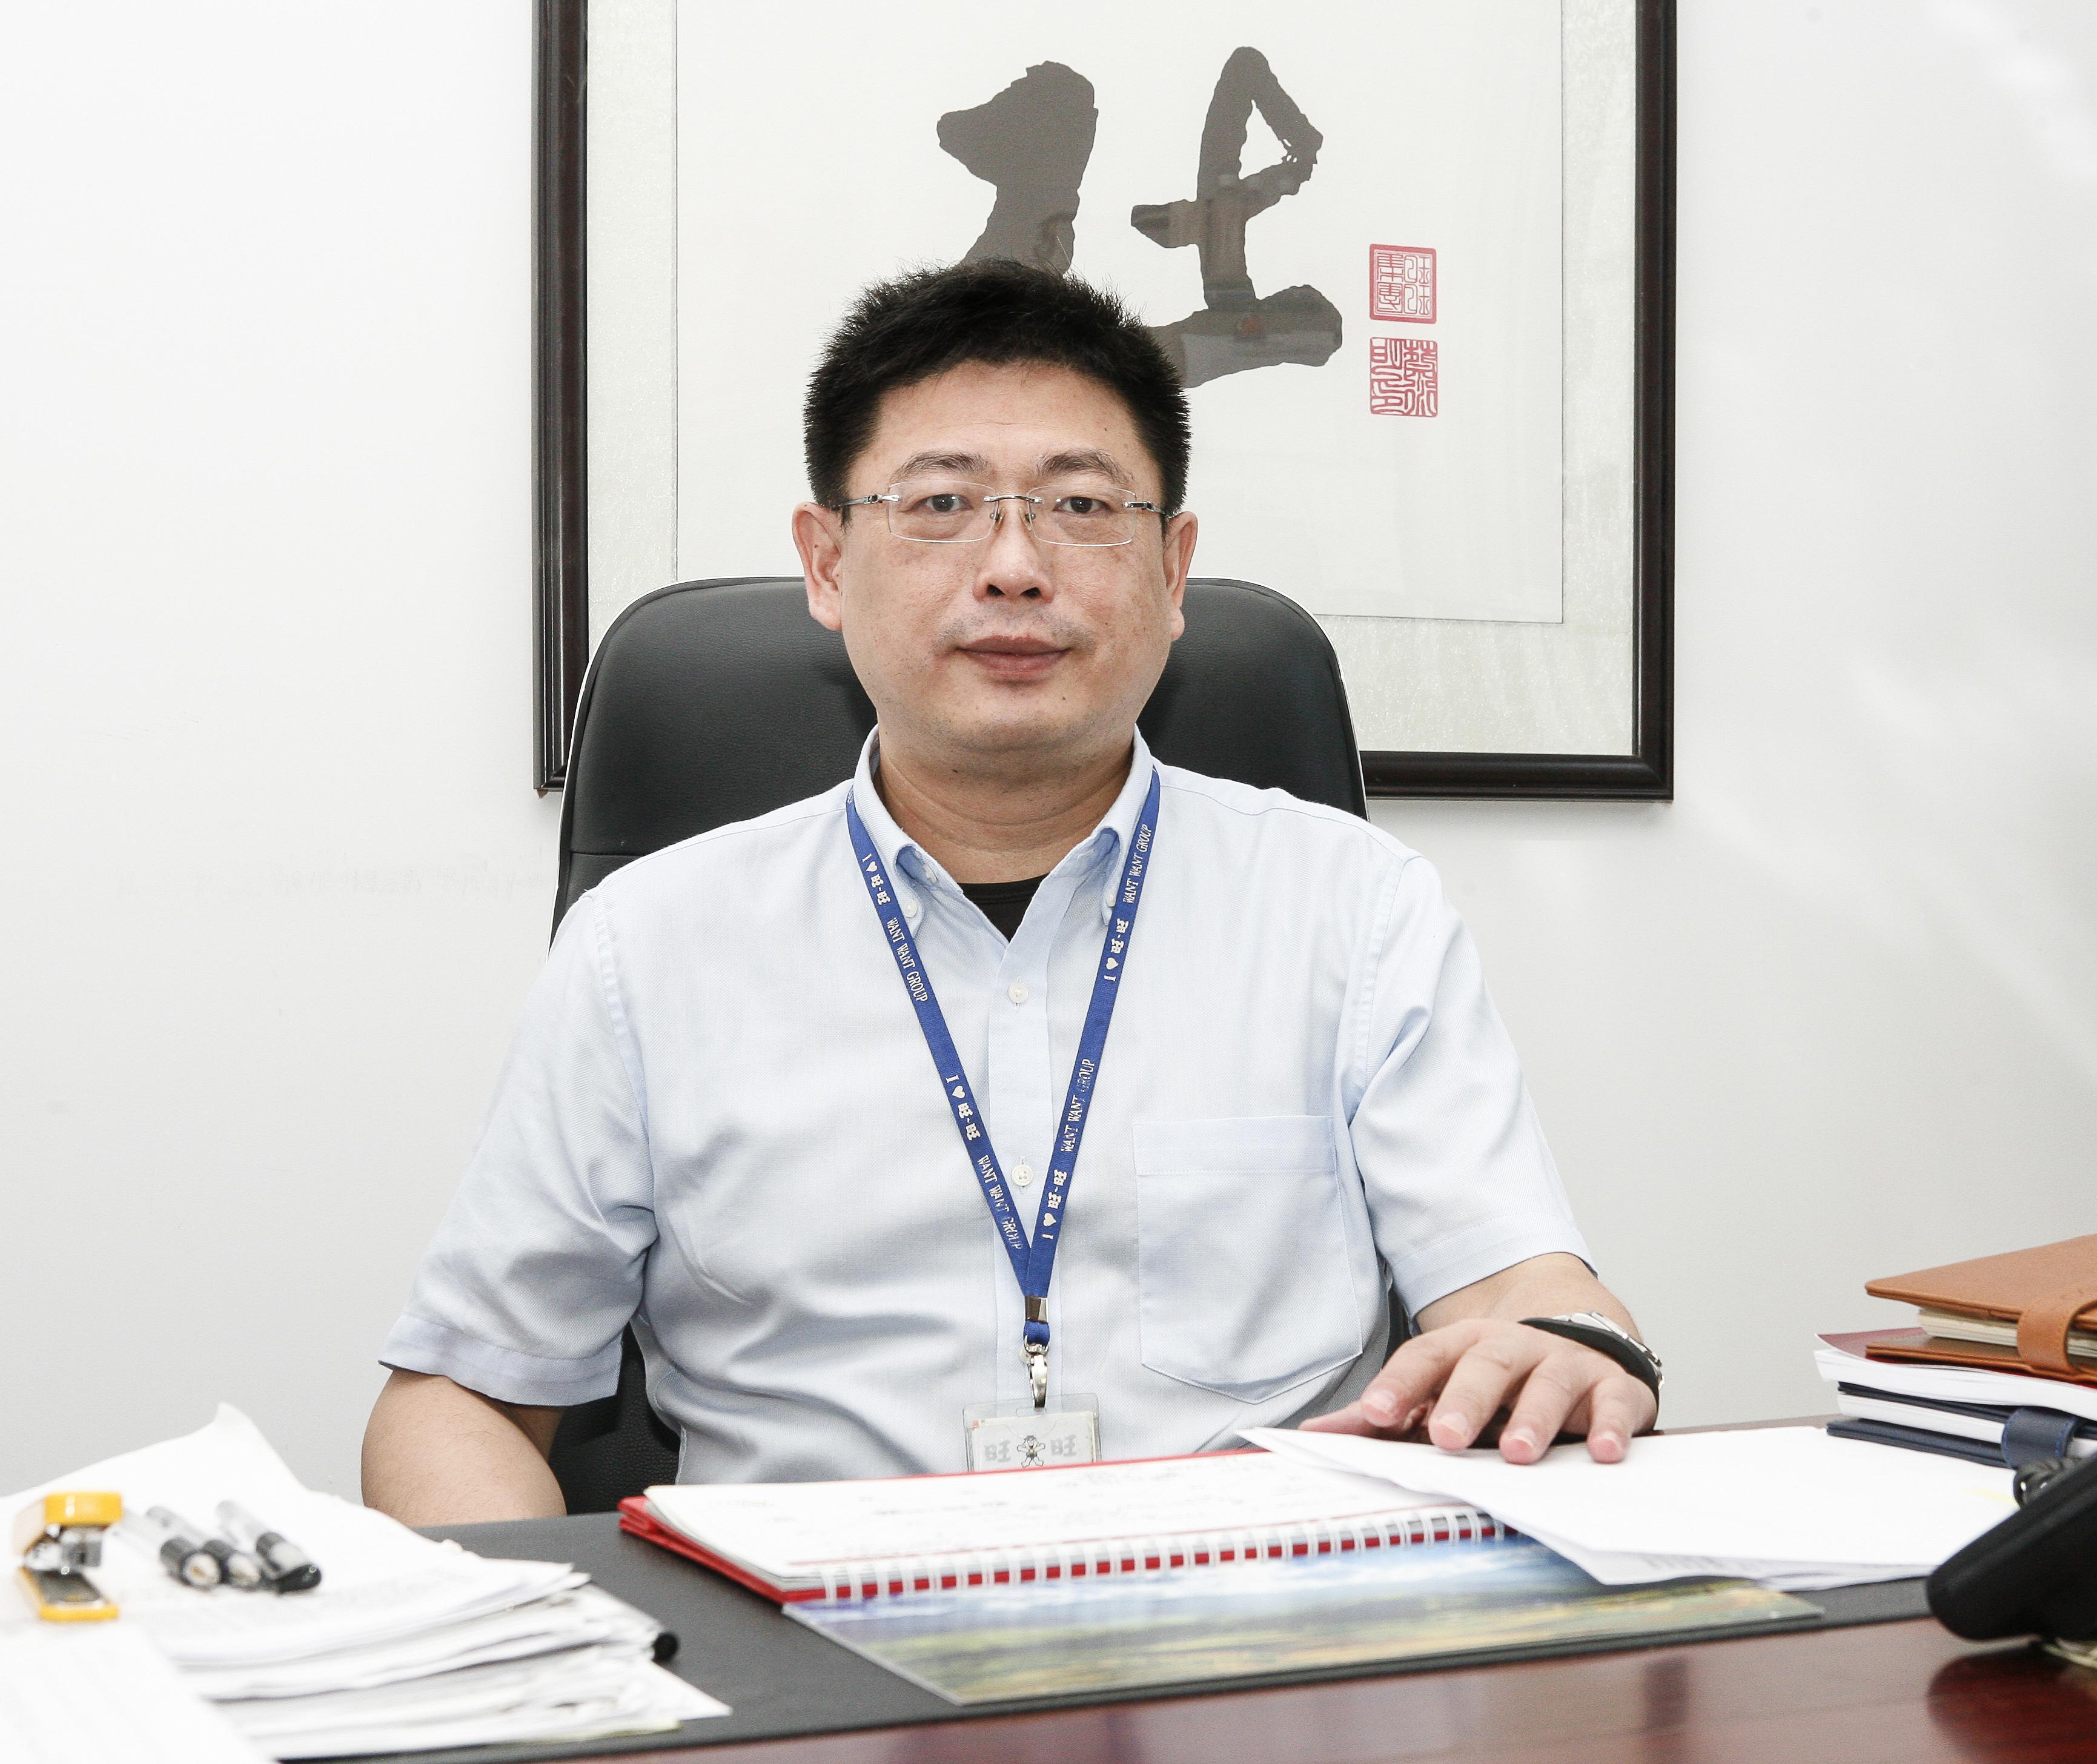 旺旺集团副总处长陈俊江照片